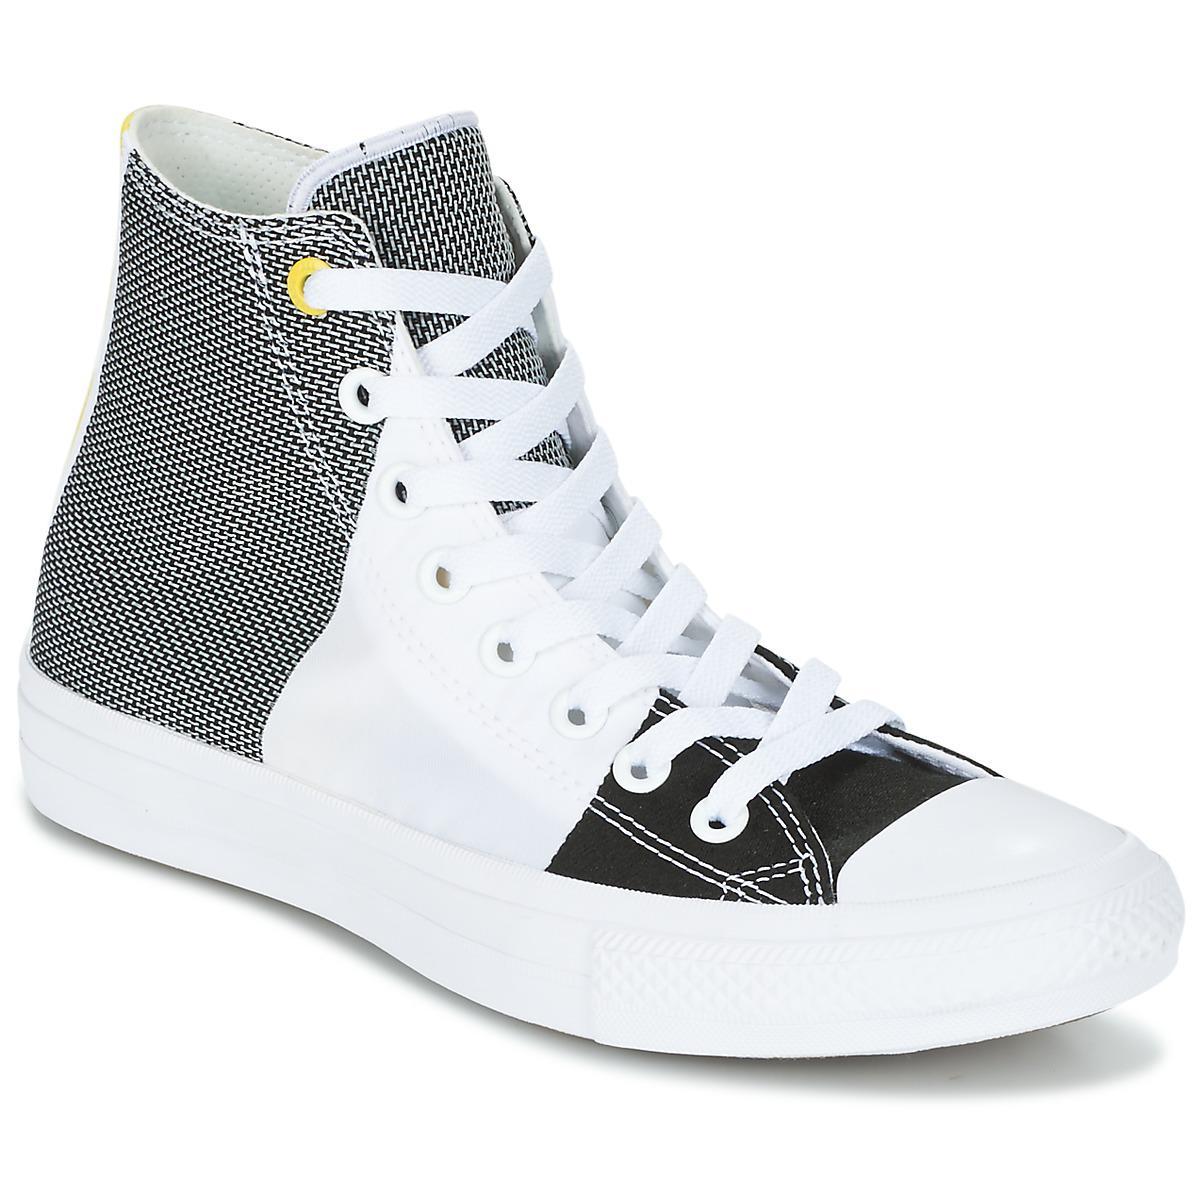 c216e431c8f2 Converse Chuck Taylor All Star Ii - Hi Men s Shoes (high-top ...